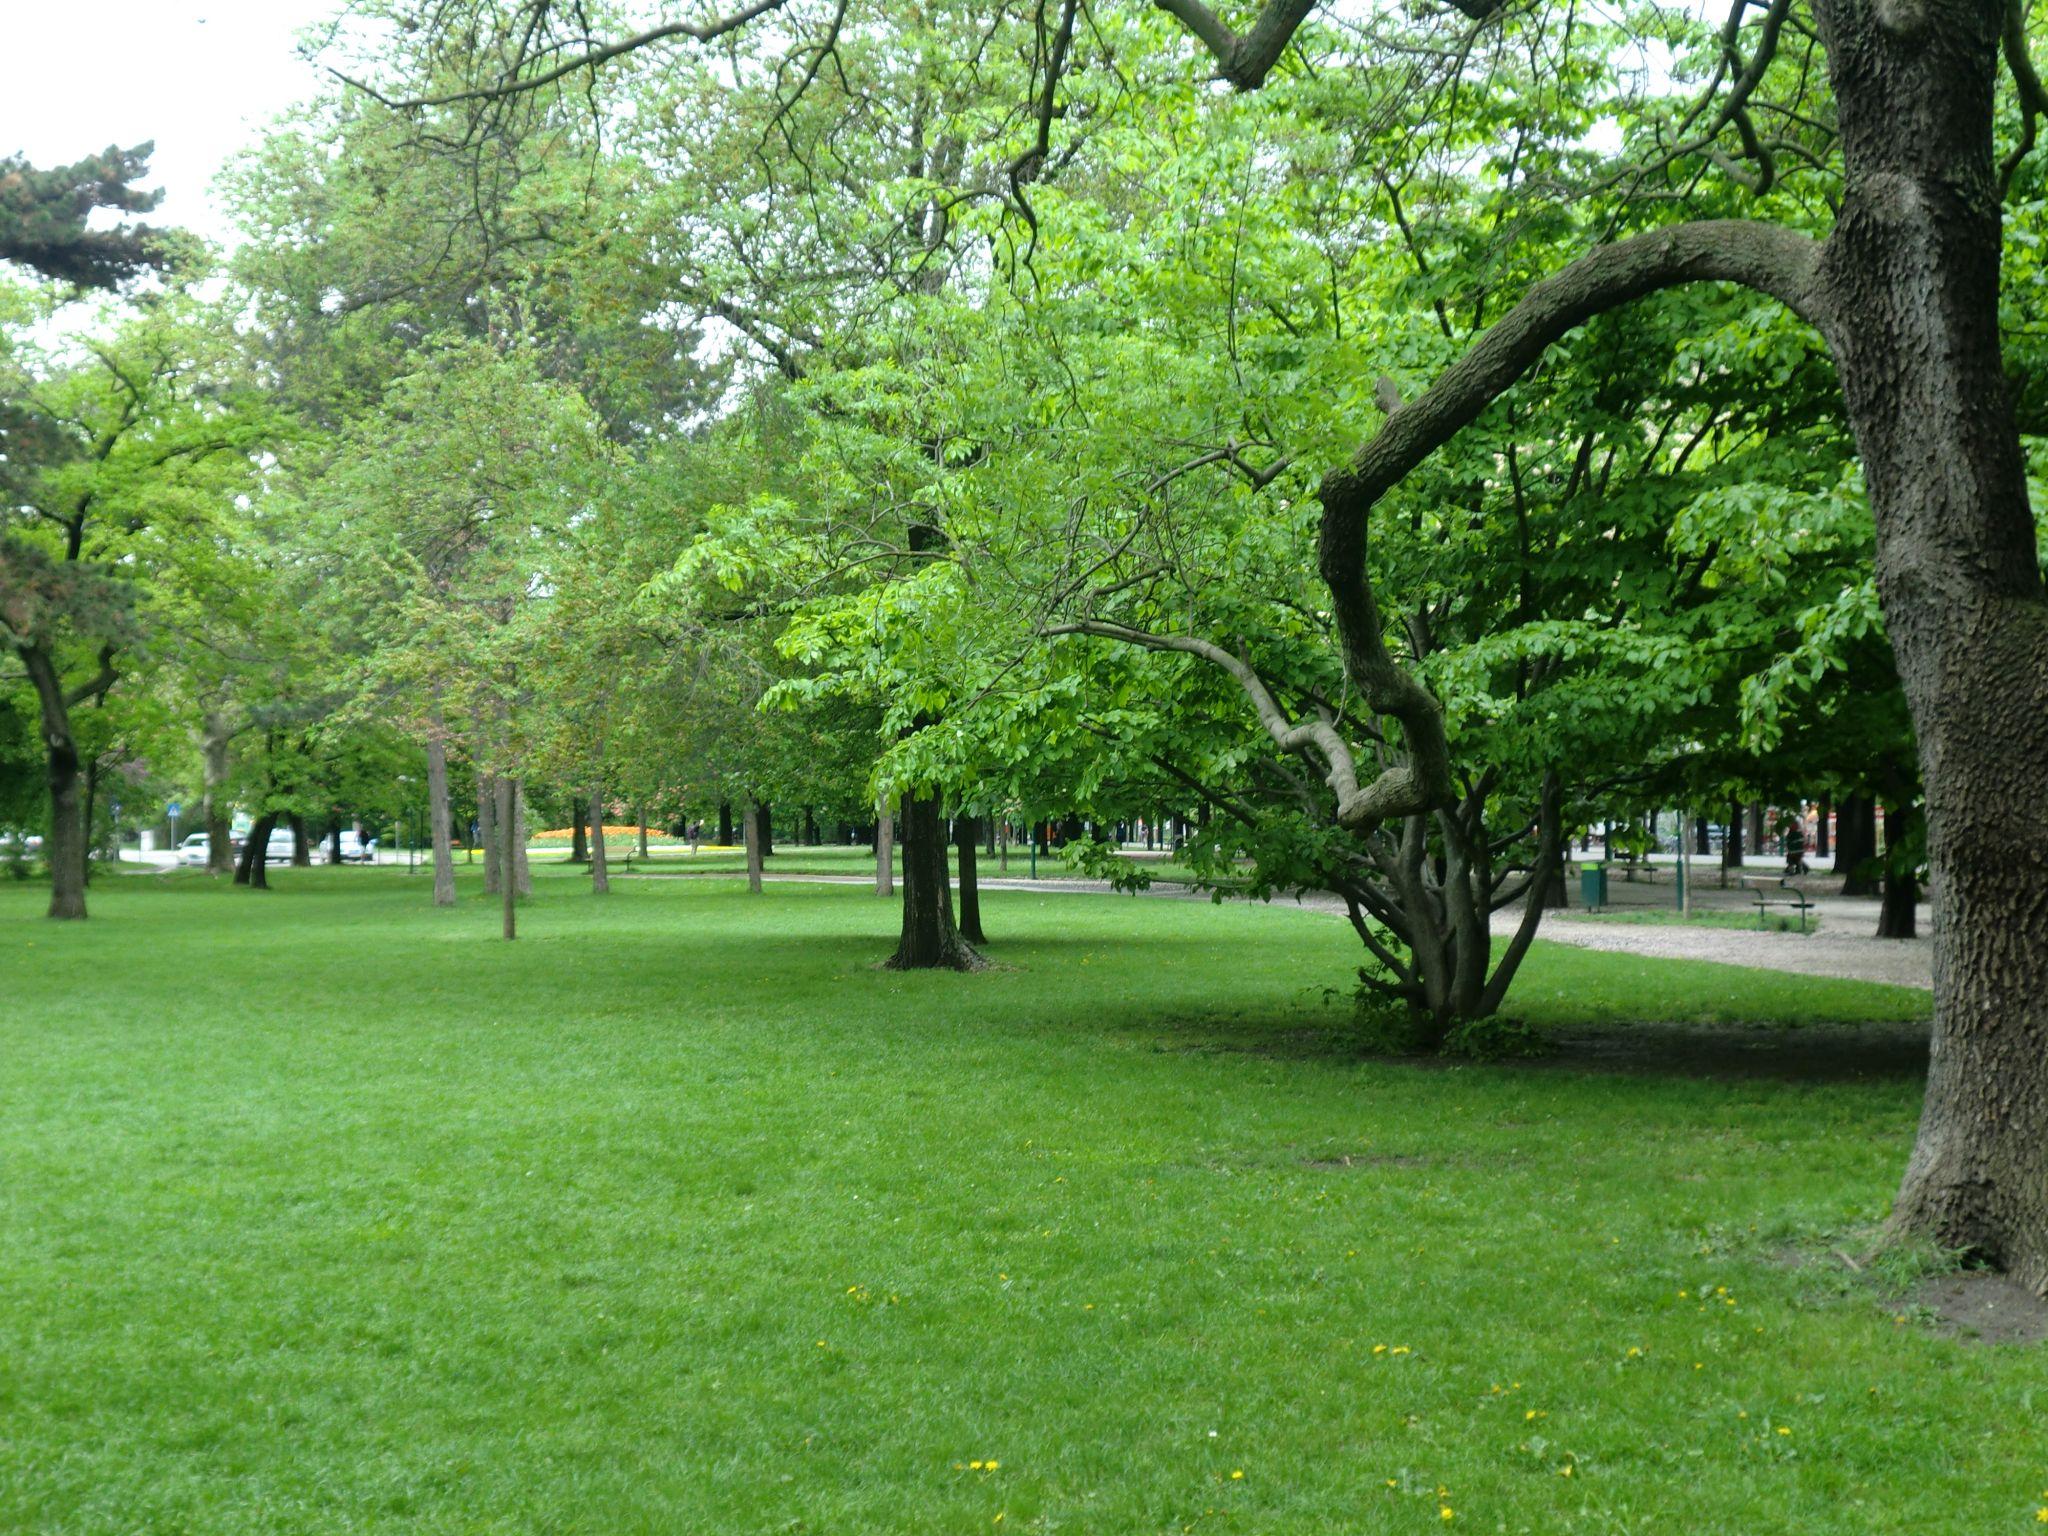 Vienna park 44 1440x1080 - Vienna: elegant beauty